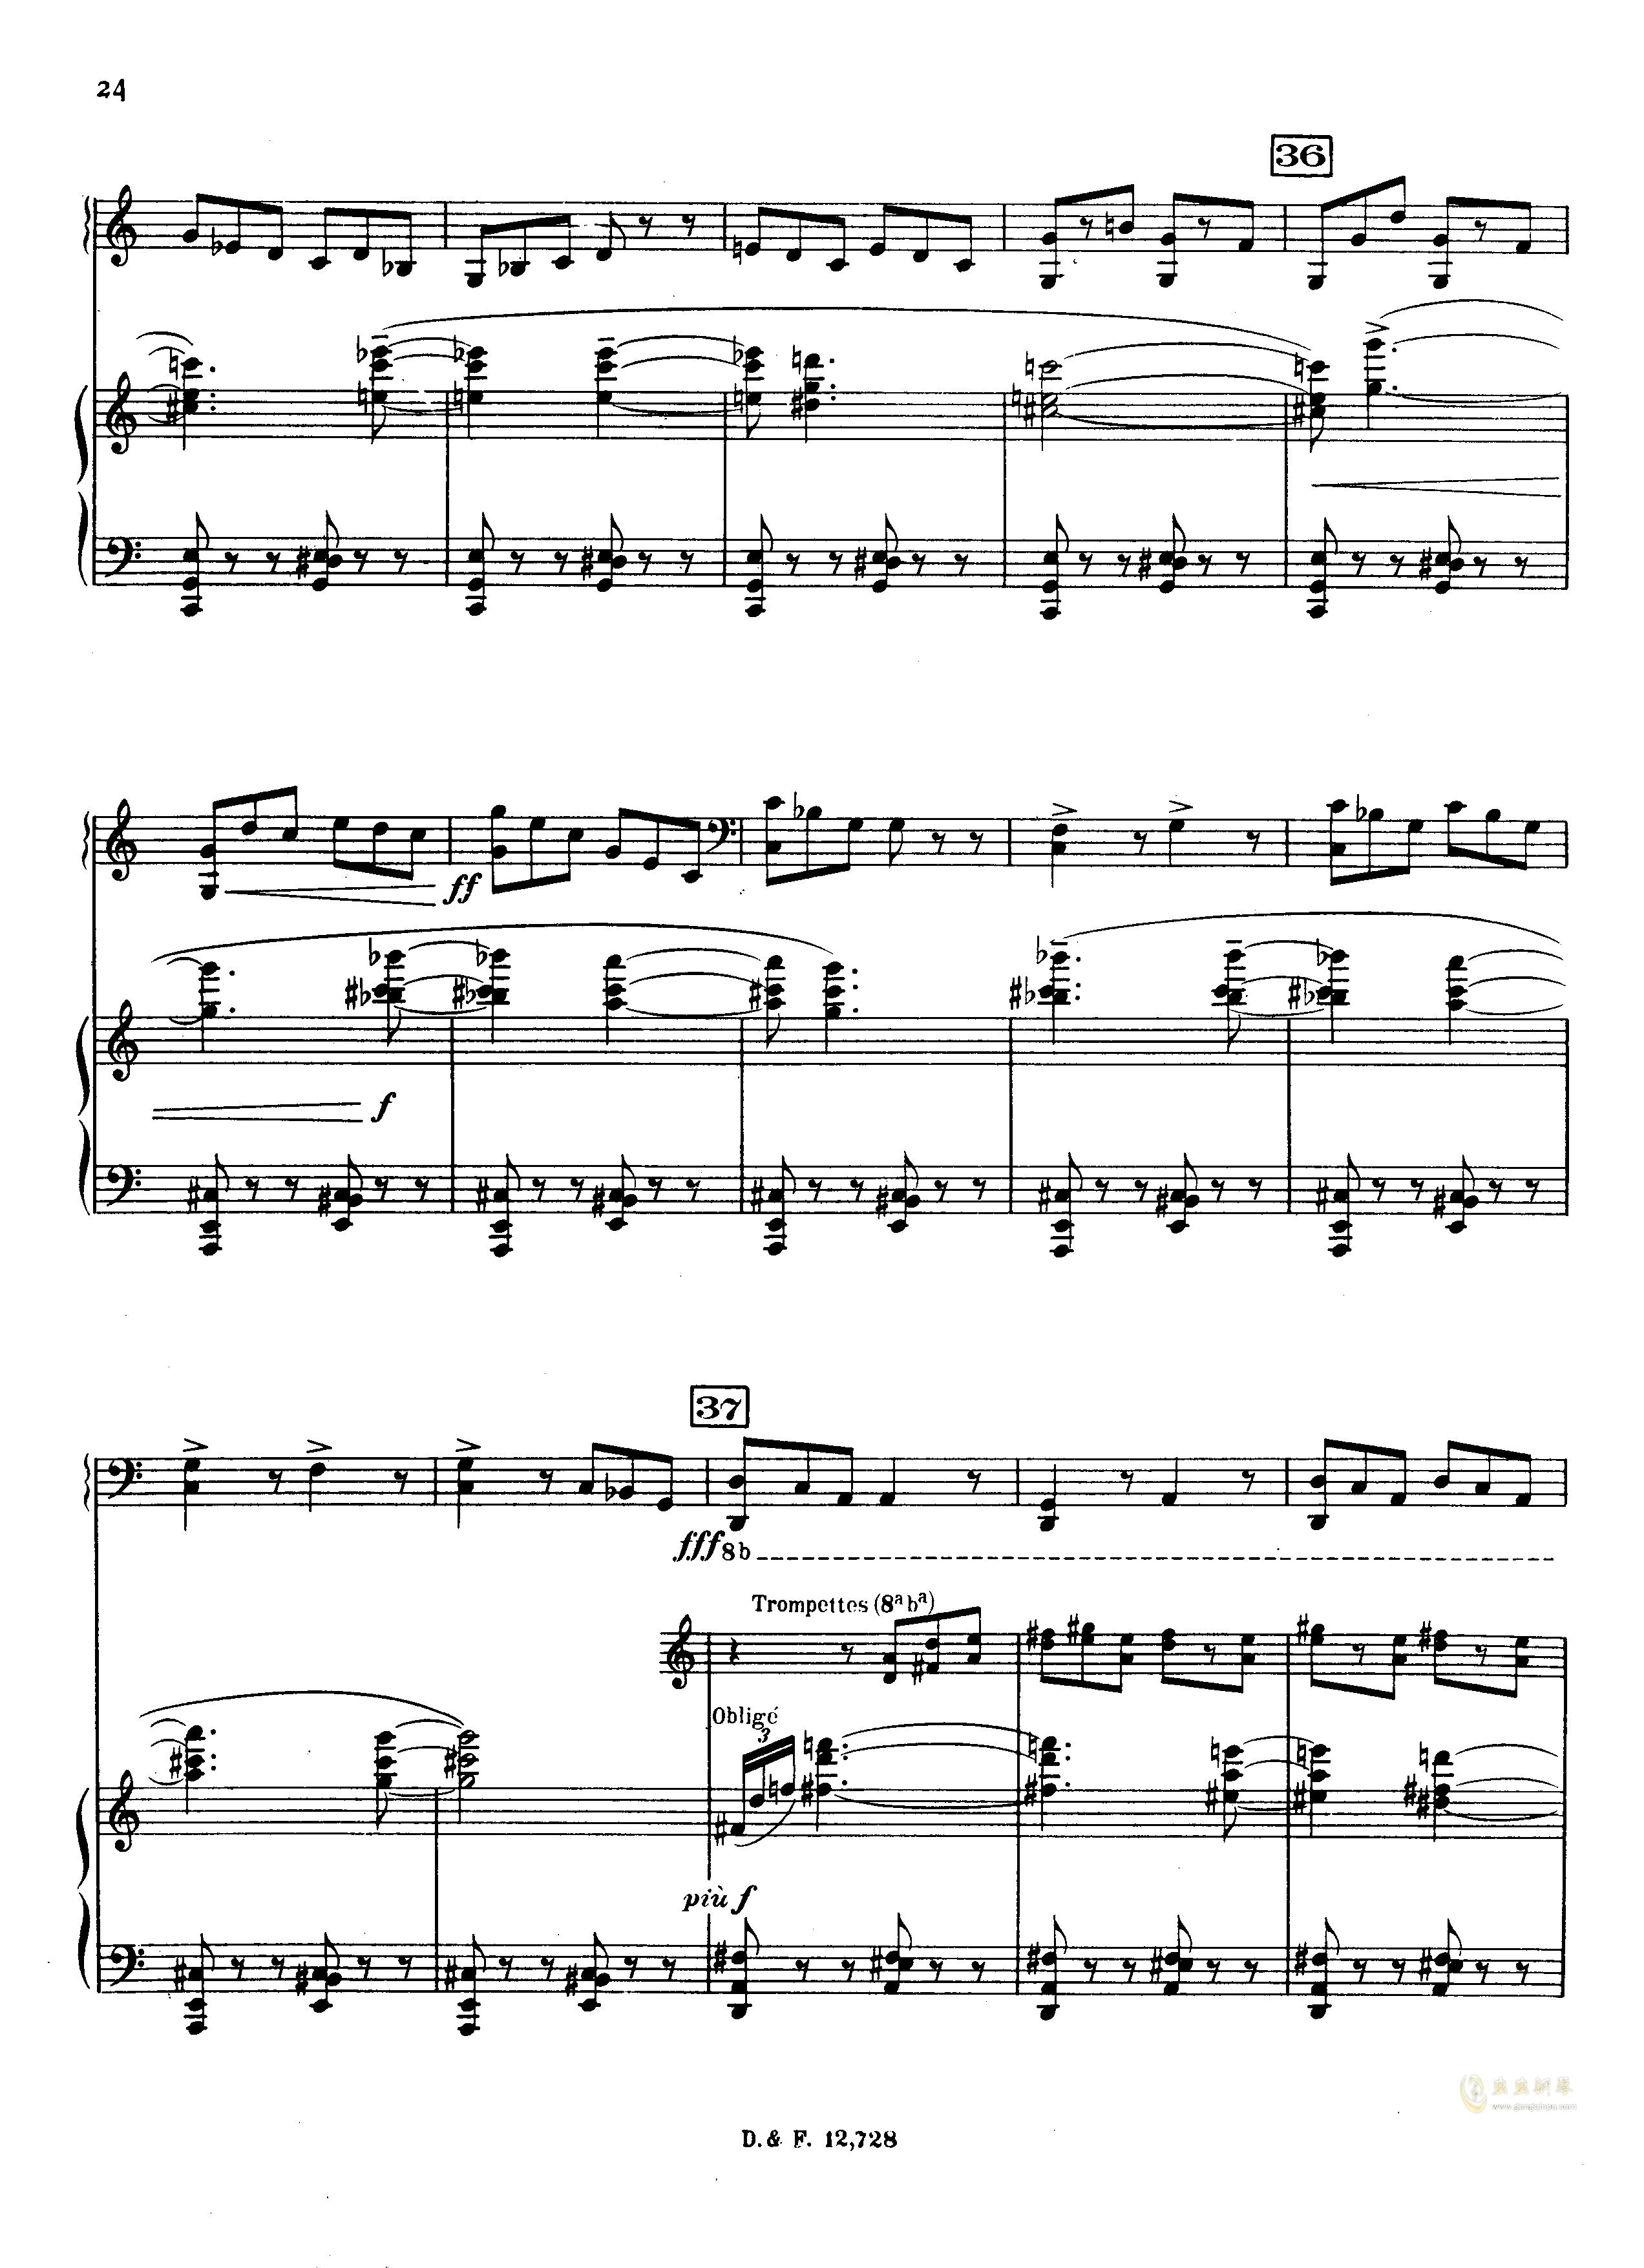 左手钢琴协奏曲钢琴谱 第24页